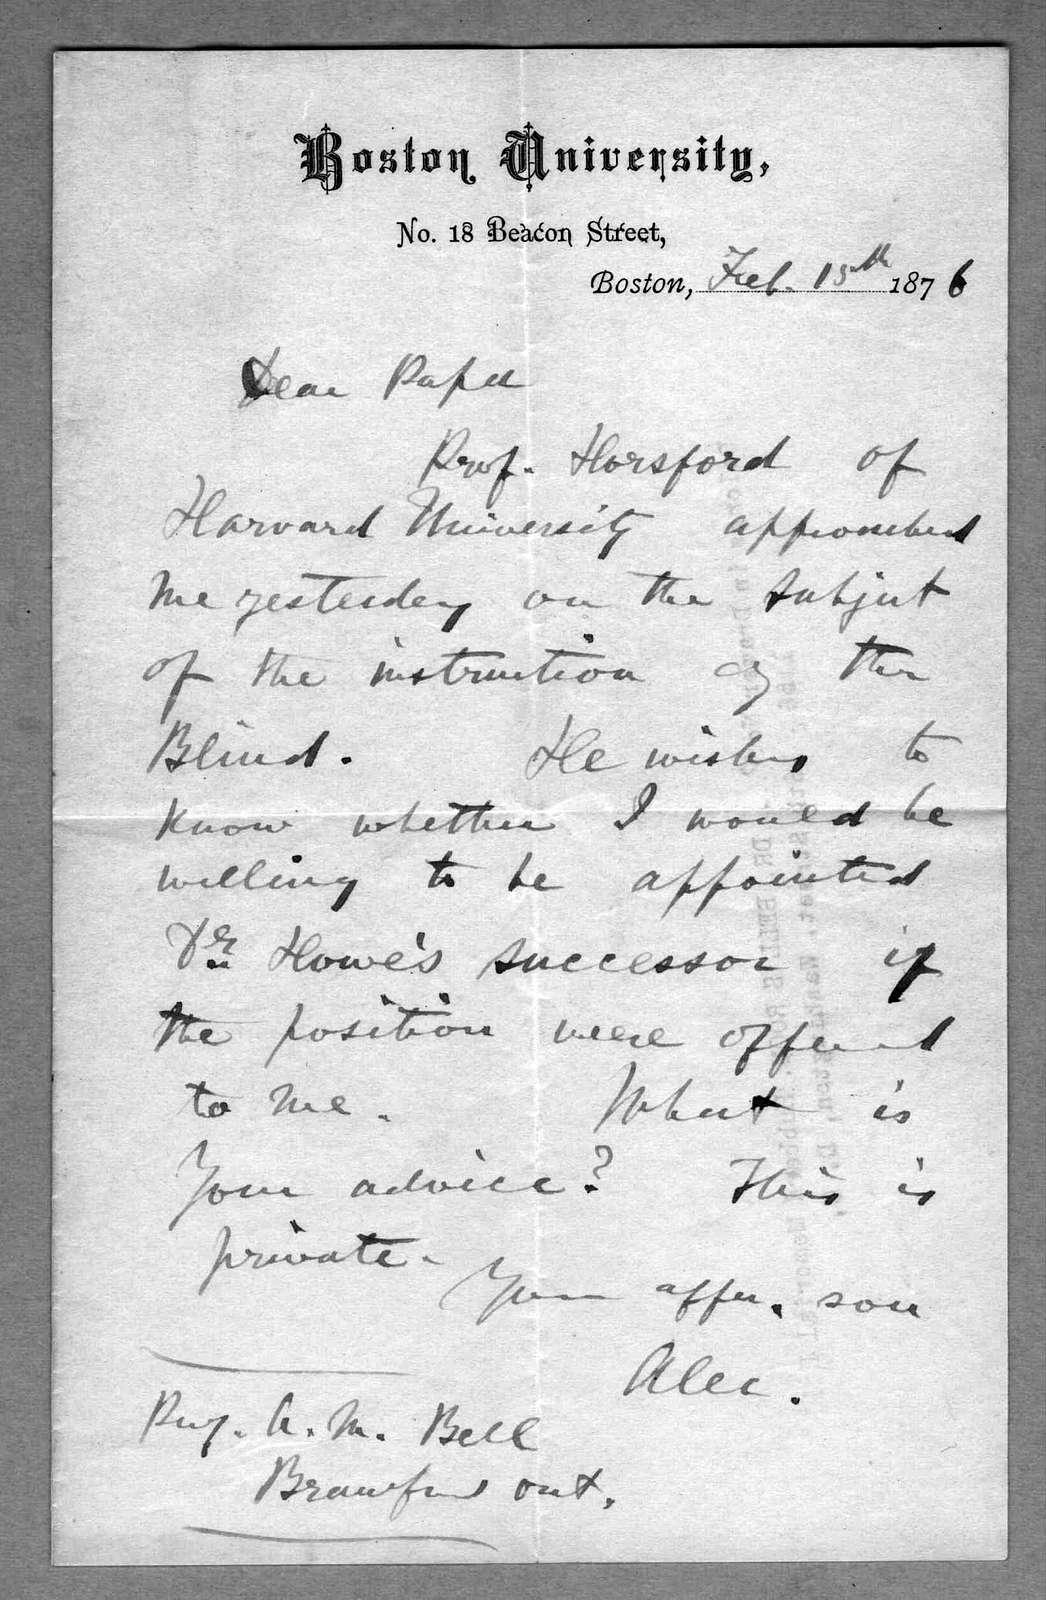 Letter from Alexander Graham Bell to Alexander Melville Bell, February 15, 1876